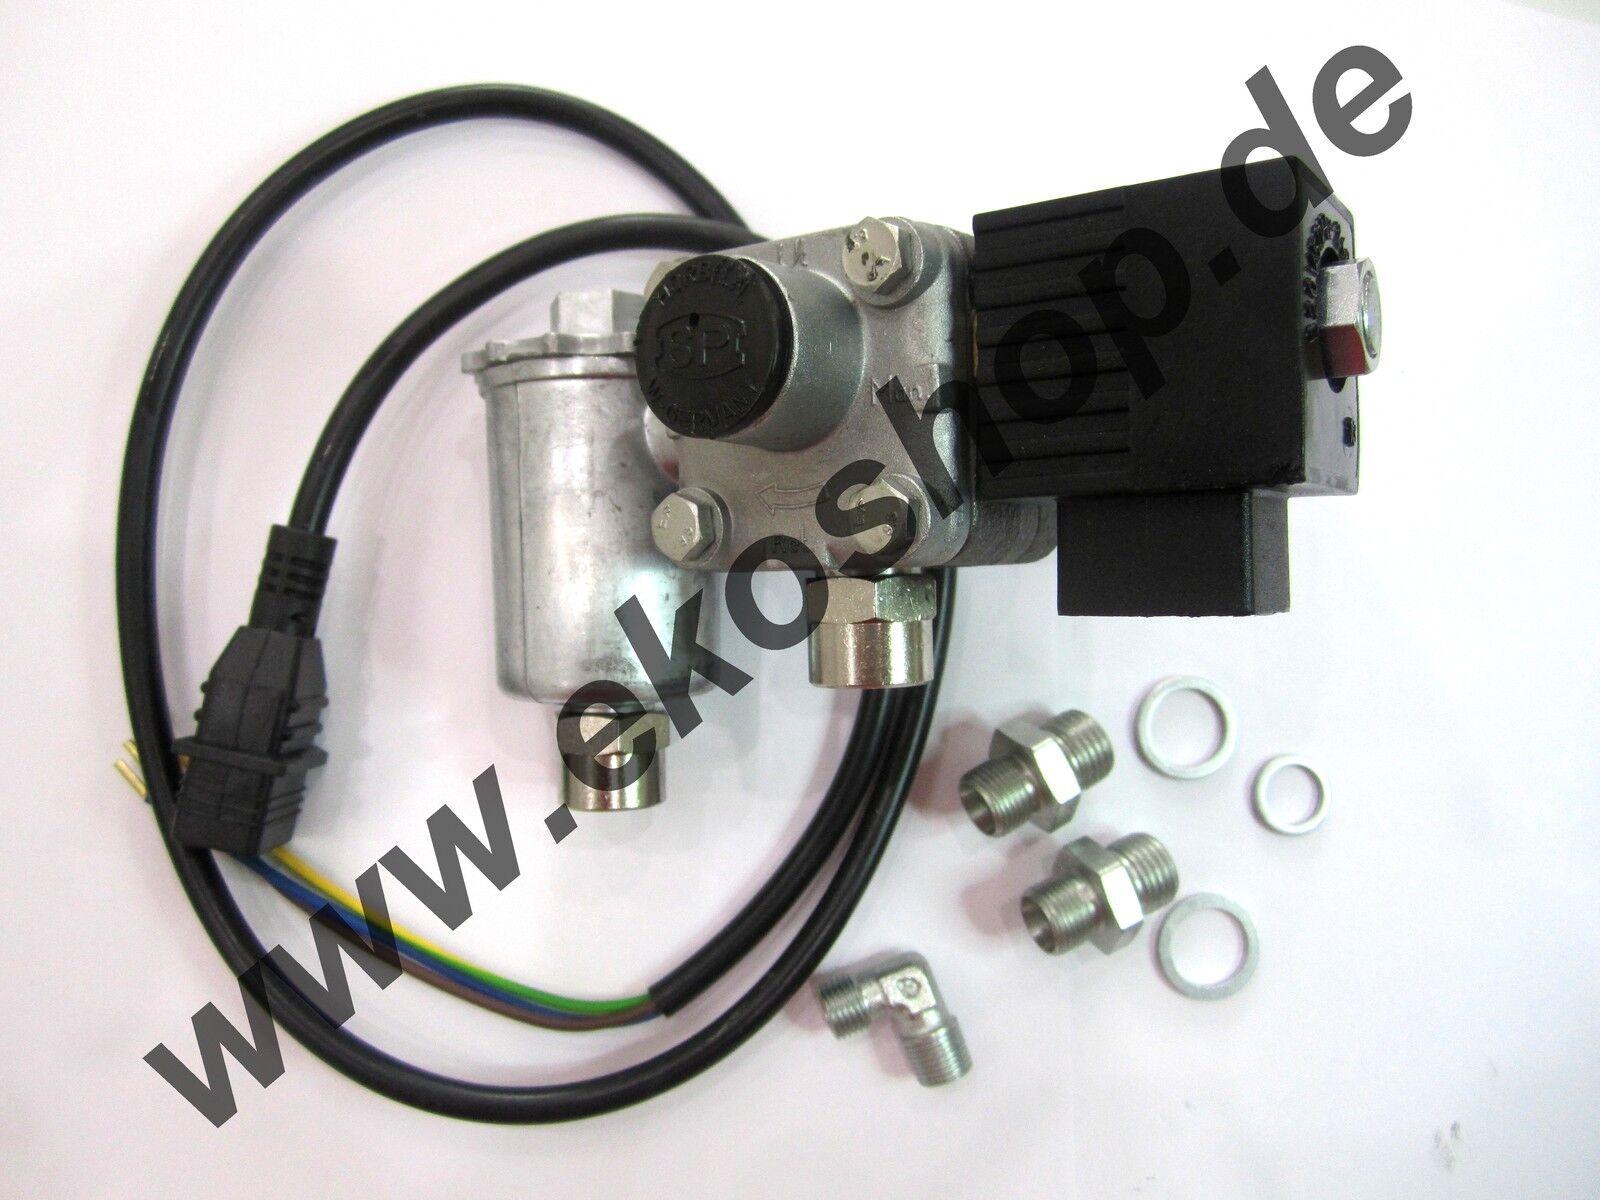 Pumpe Ölpumpe SP25L  47-90-10513 für G20  GU20 Universalölbrenner